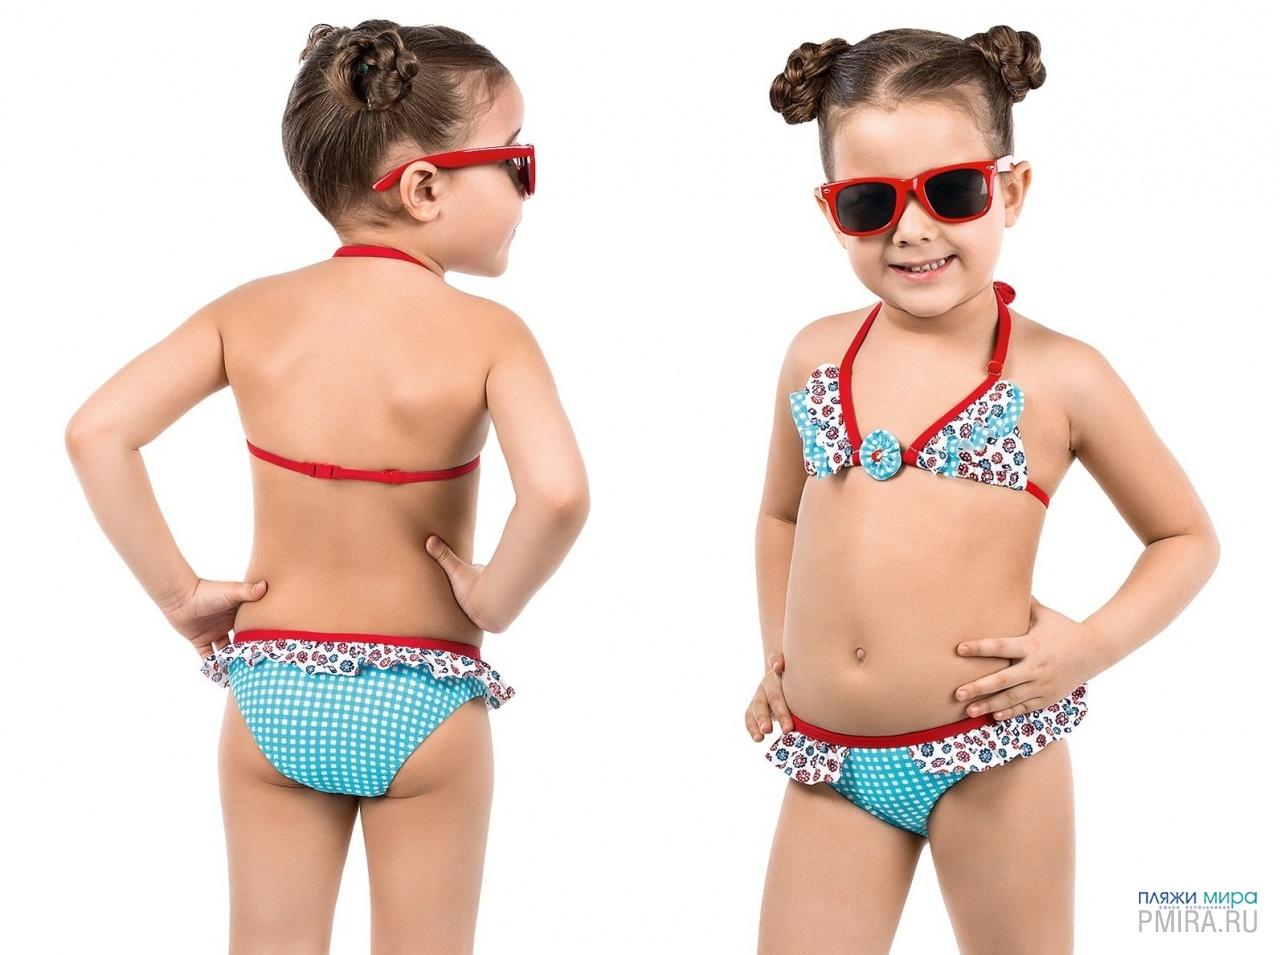 Юные девочки в купальнике 1 фотография